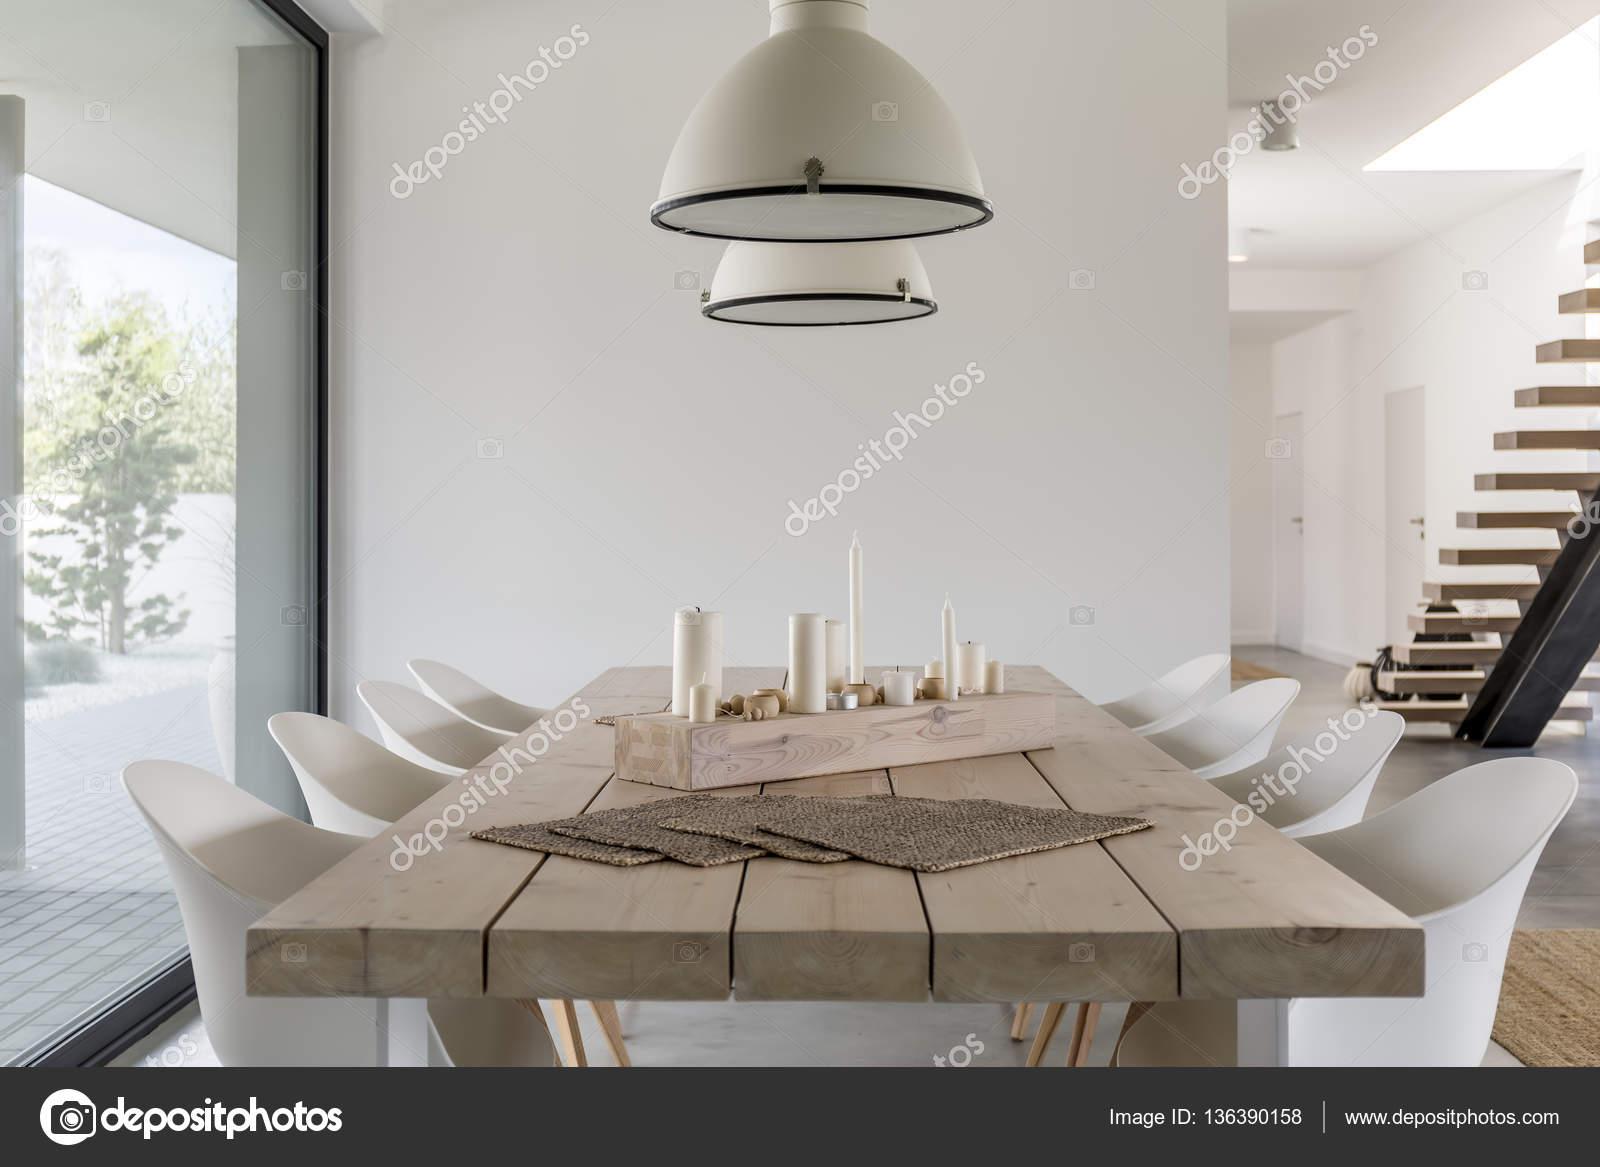 Sedie Bianche E Legno : Tavolo da pranzo e sedie bianche u2014 foto stock © photographee.eu